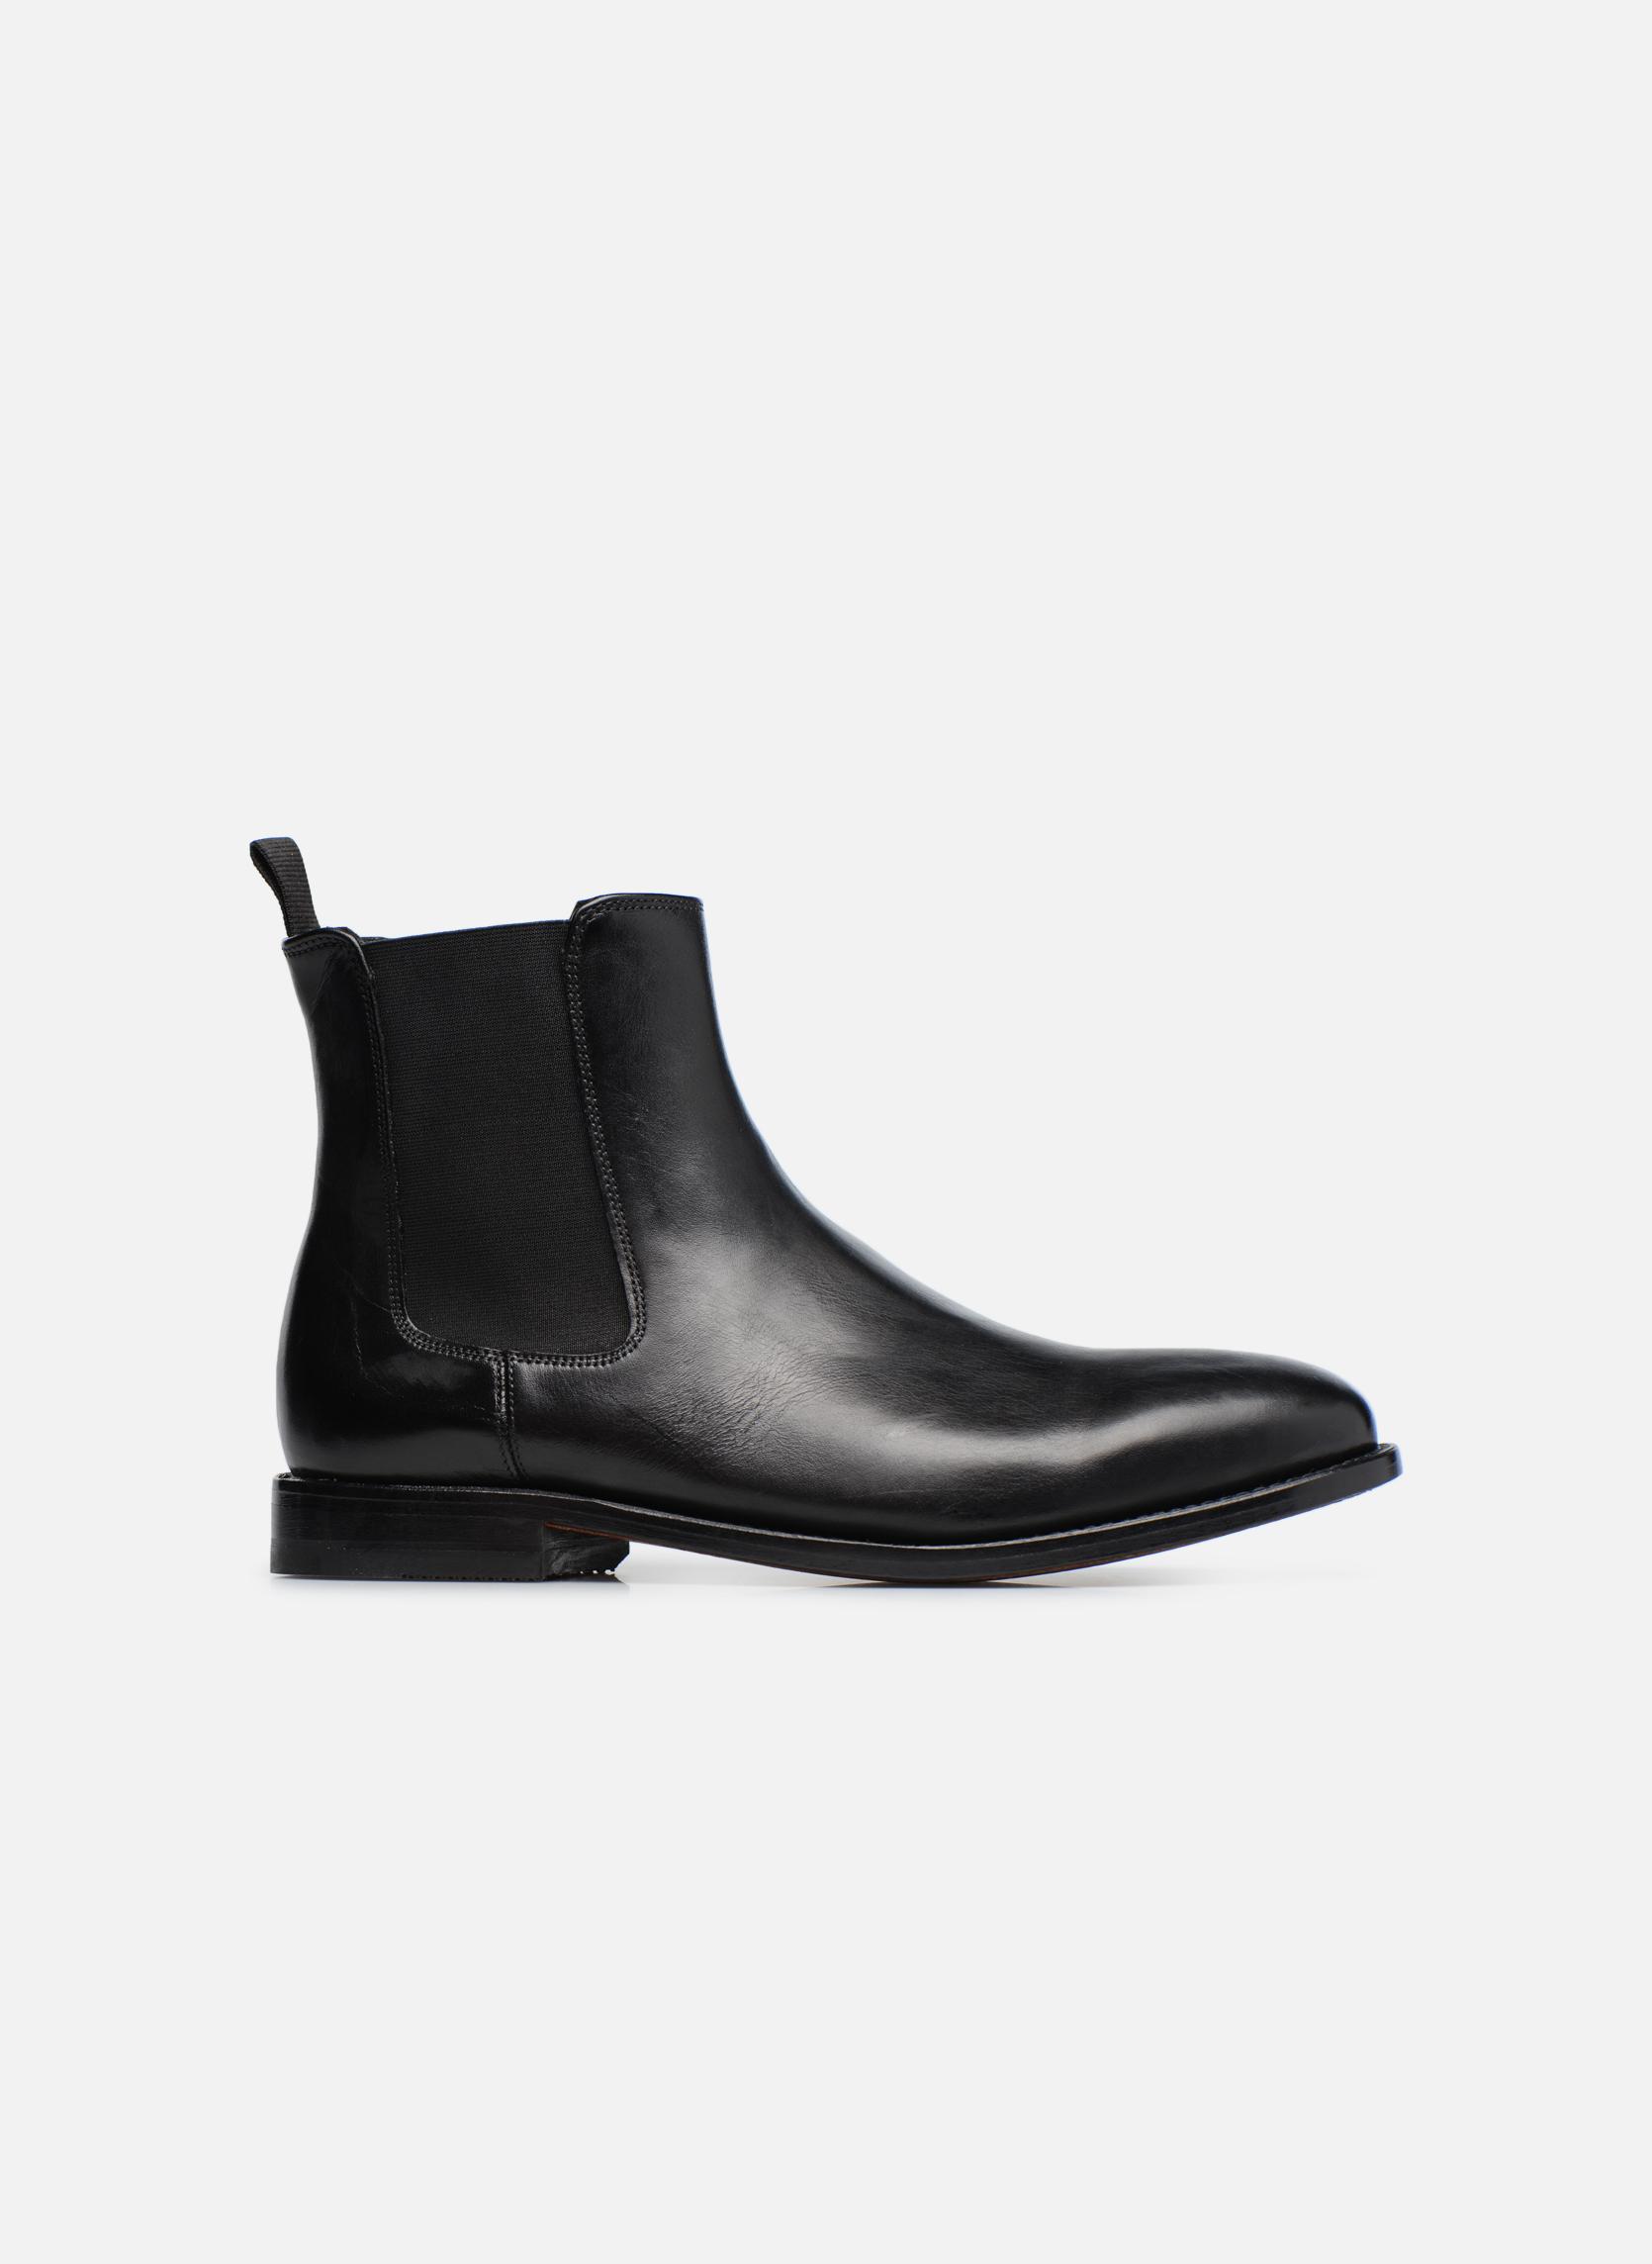 Ellis Franklin Black leather